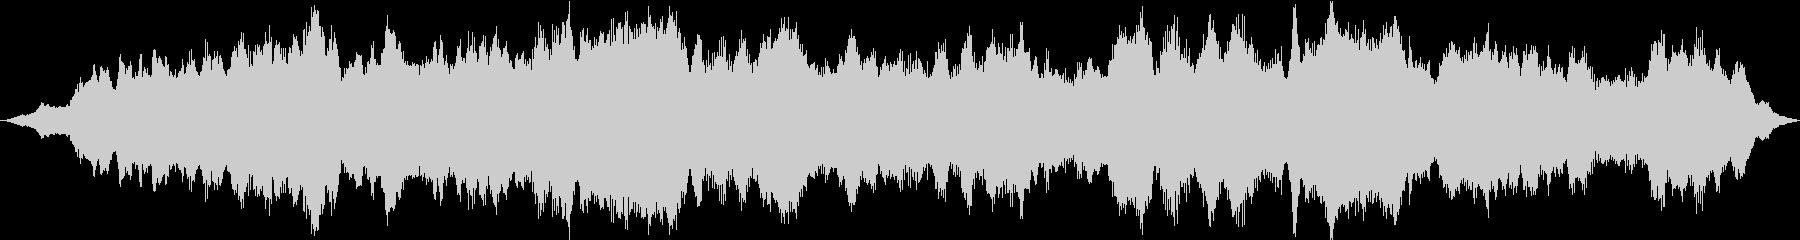 ドローン スクラッチードローン01の未再生の波形